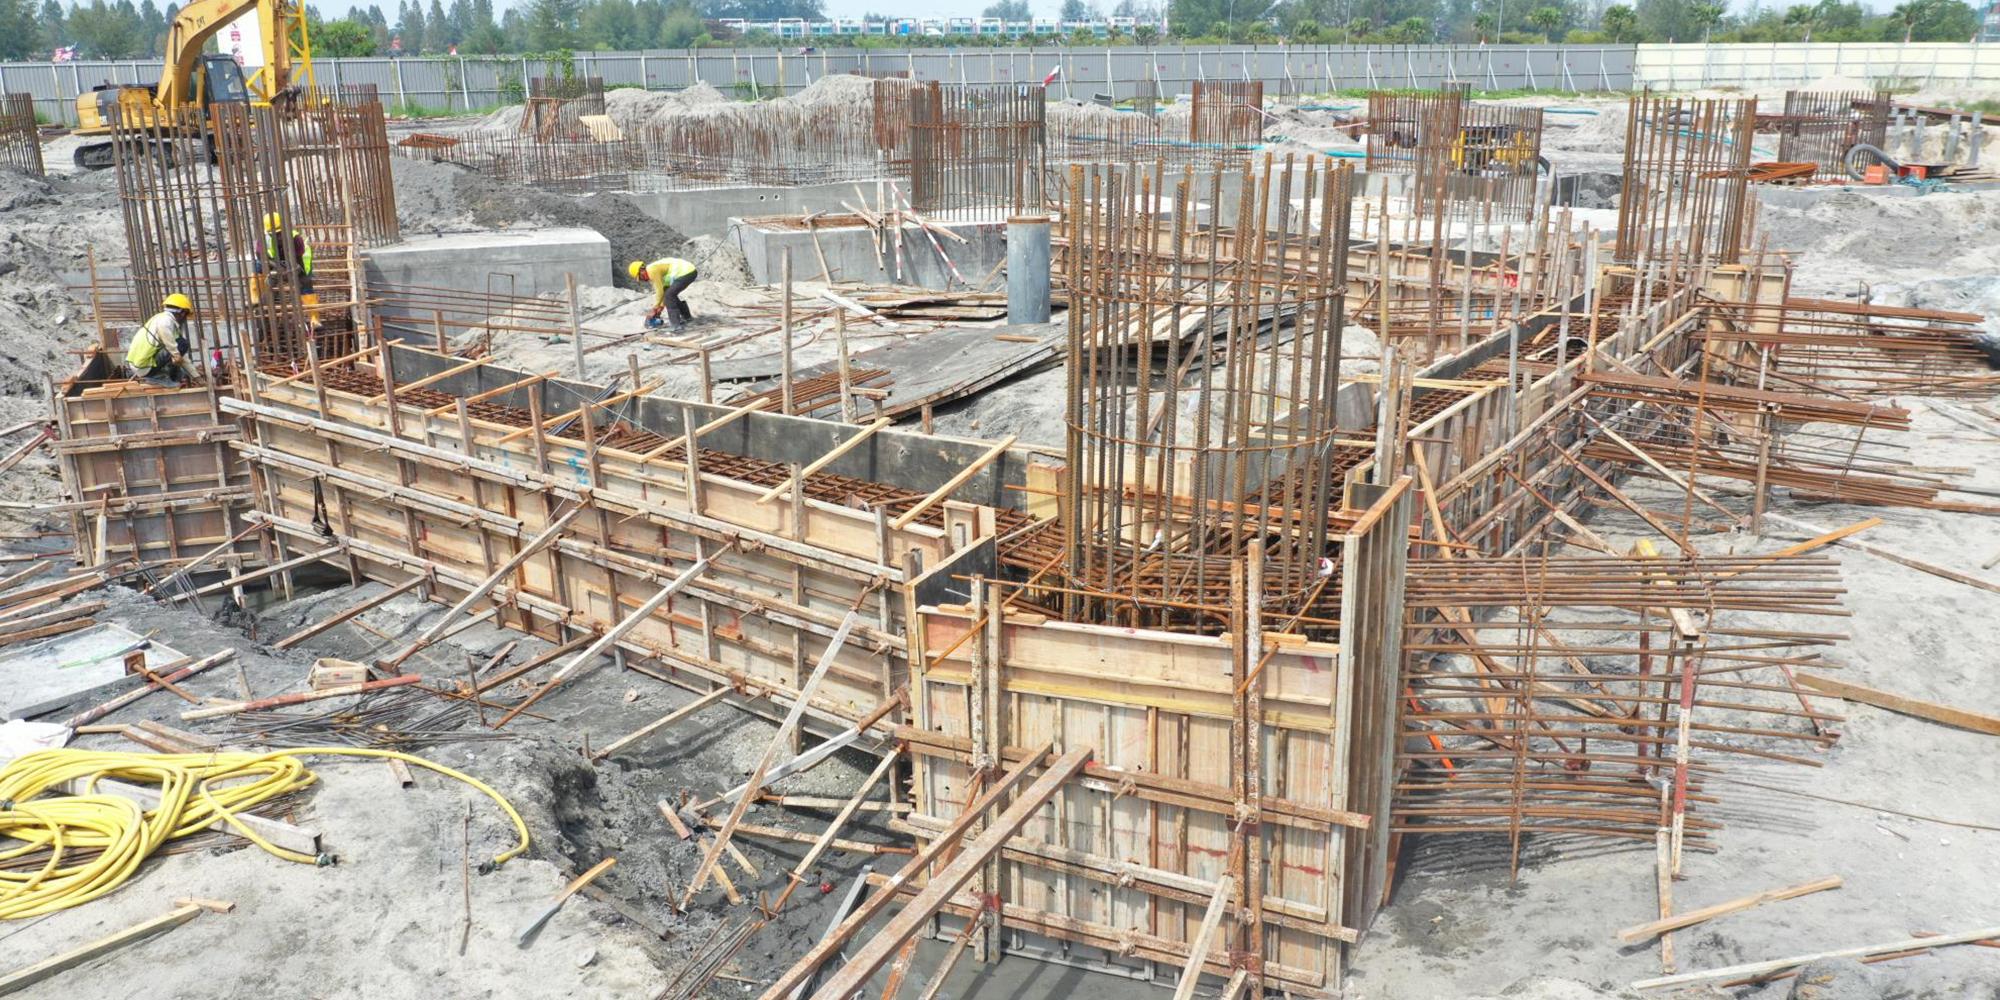 03-B 棟 區域 繫樑組模